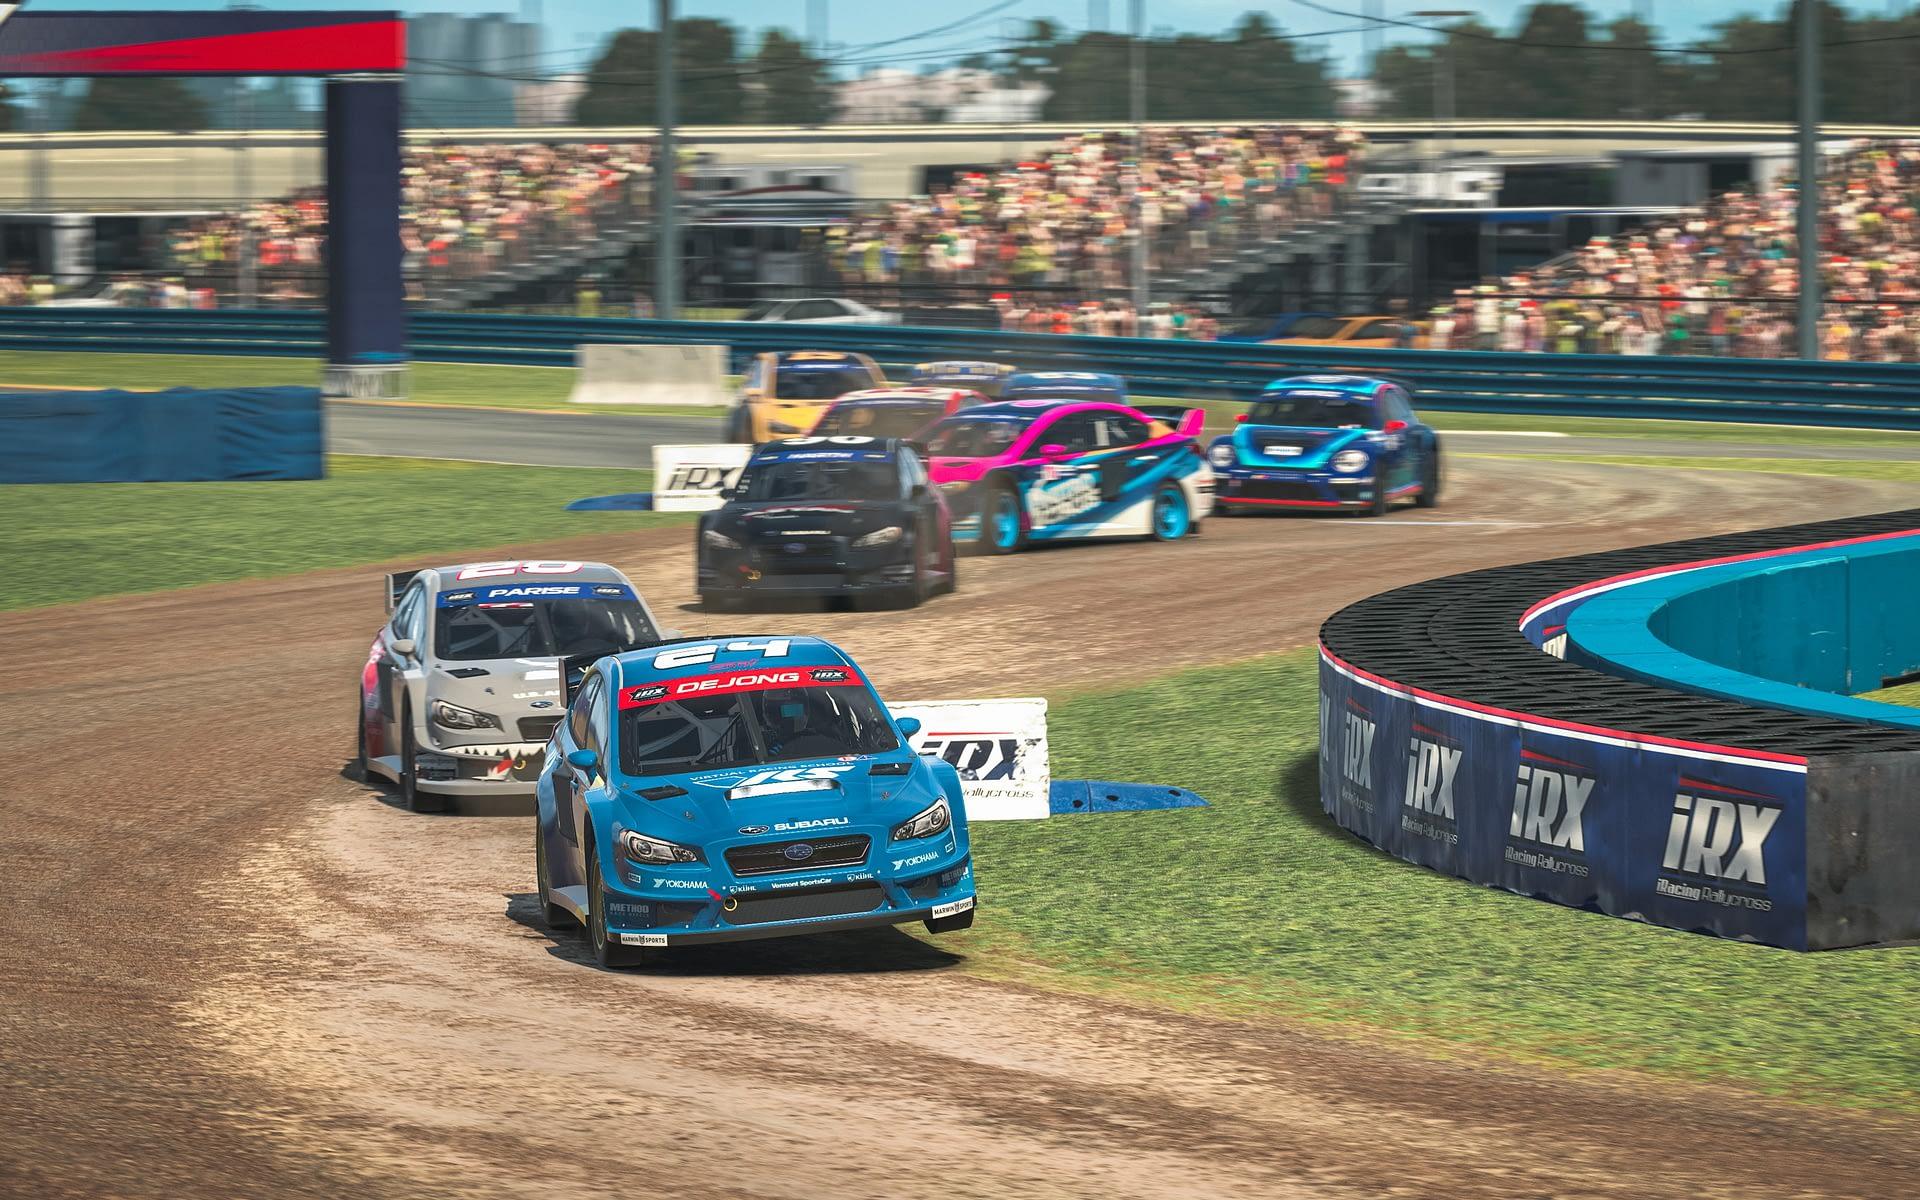 Subaru iRXWCS Round 2 10 c